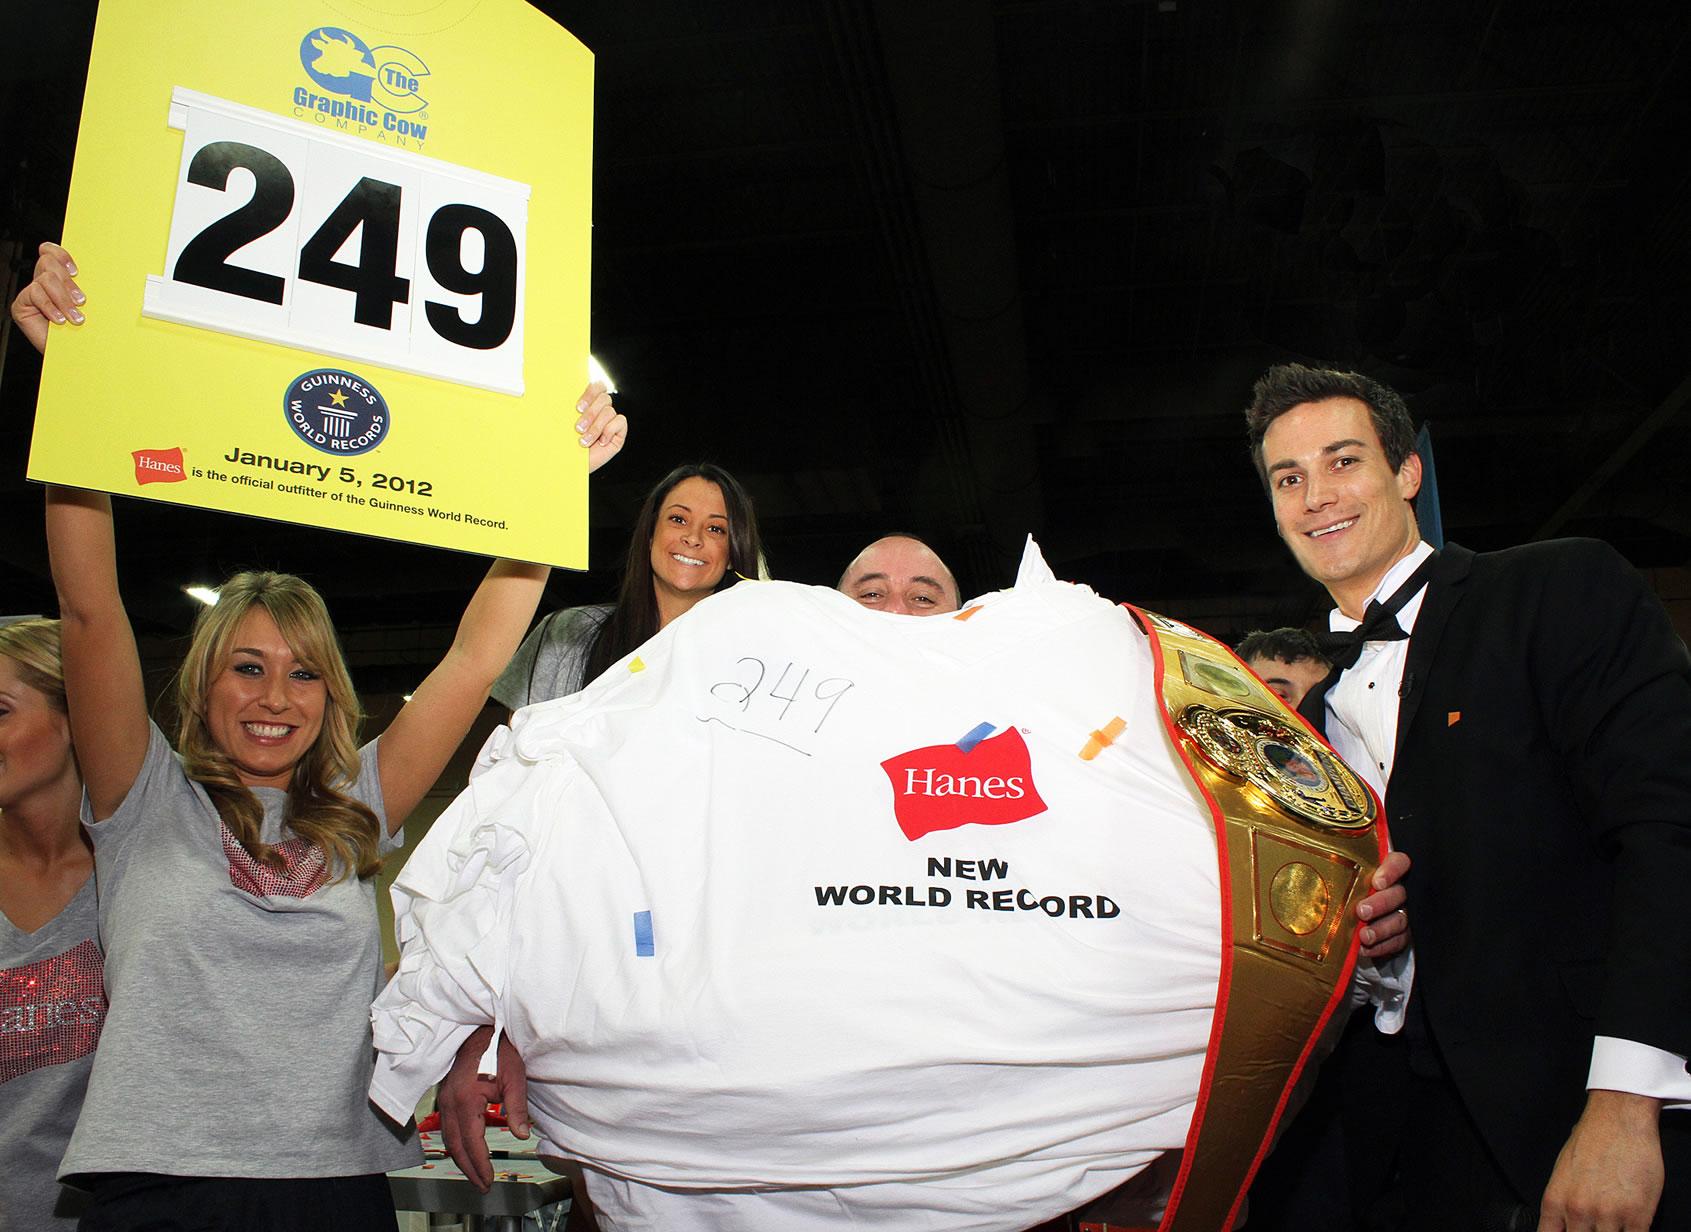 Najwięcej koszulek założonych jednocześnie - rekord Guinessa